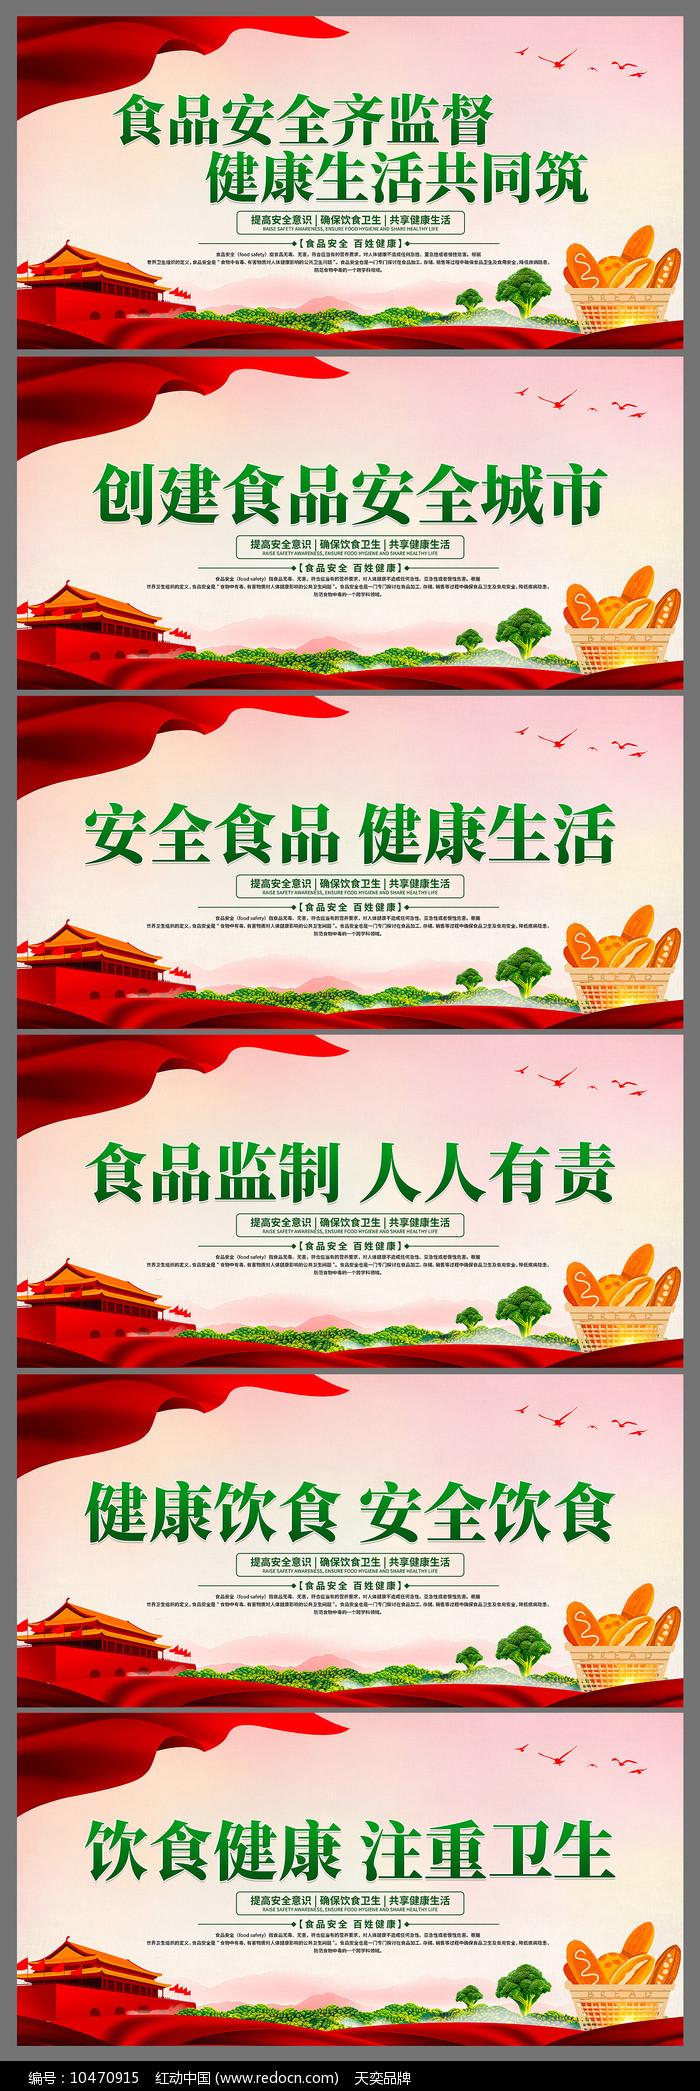 创意食品安全宣传展板设计图片